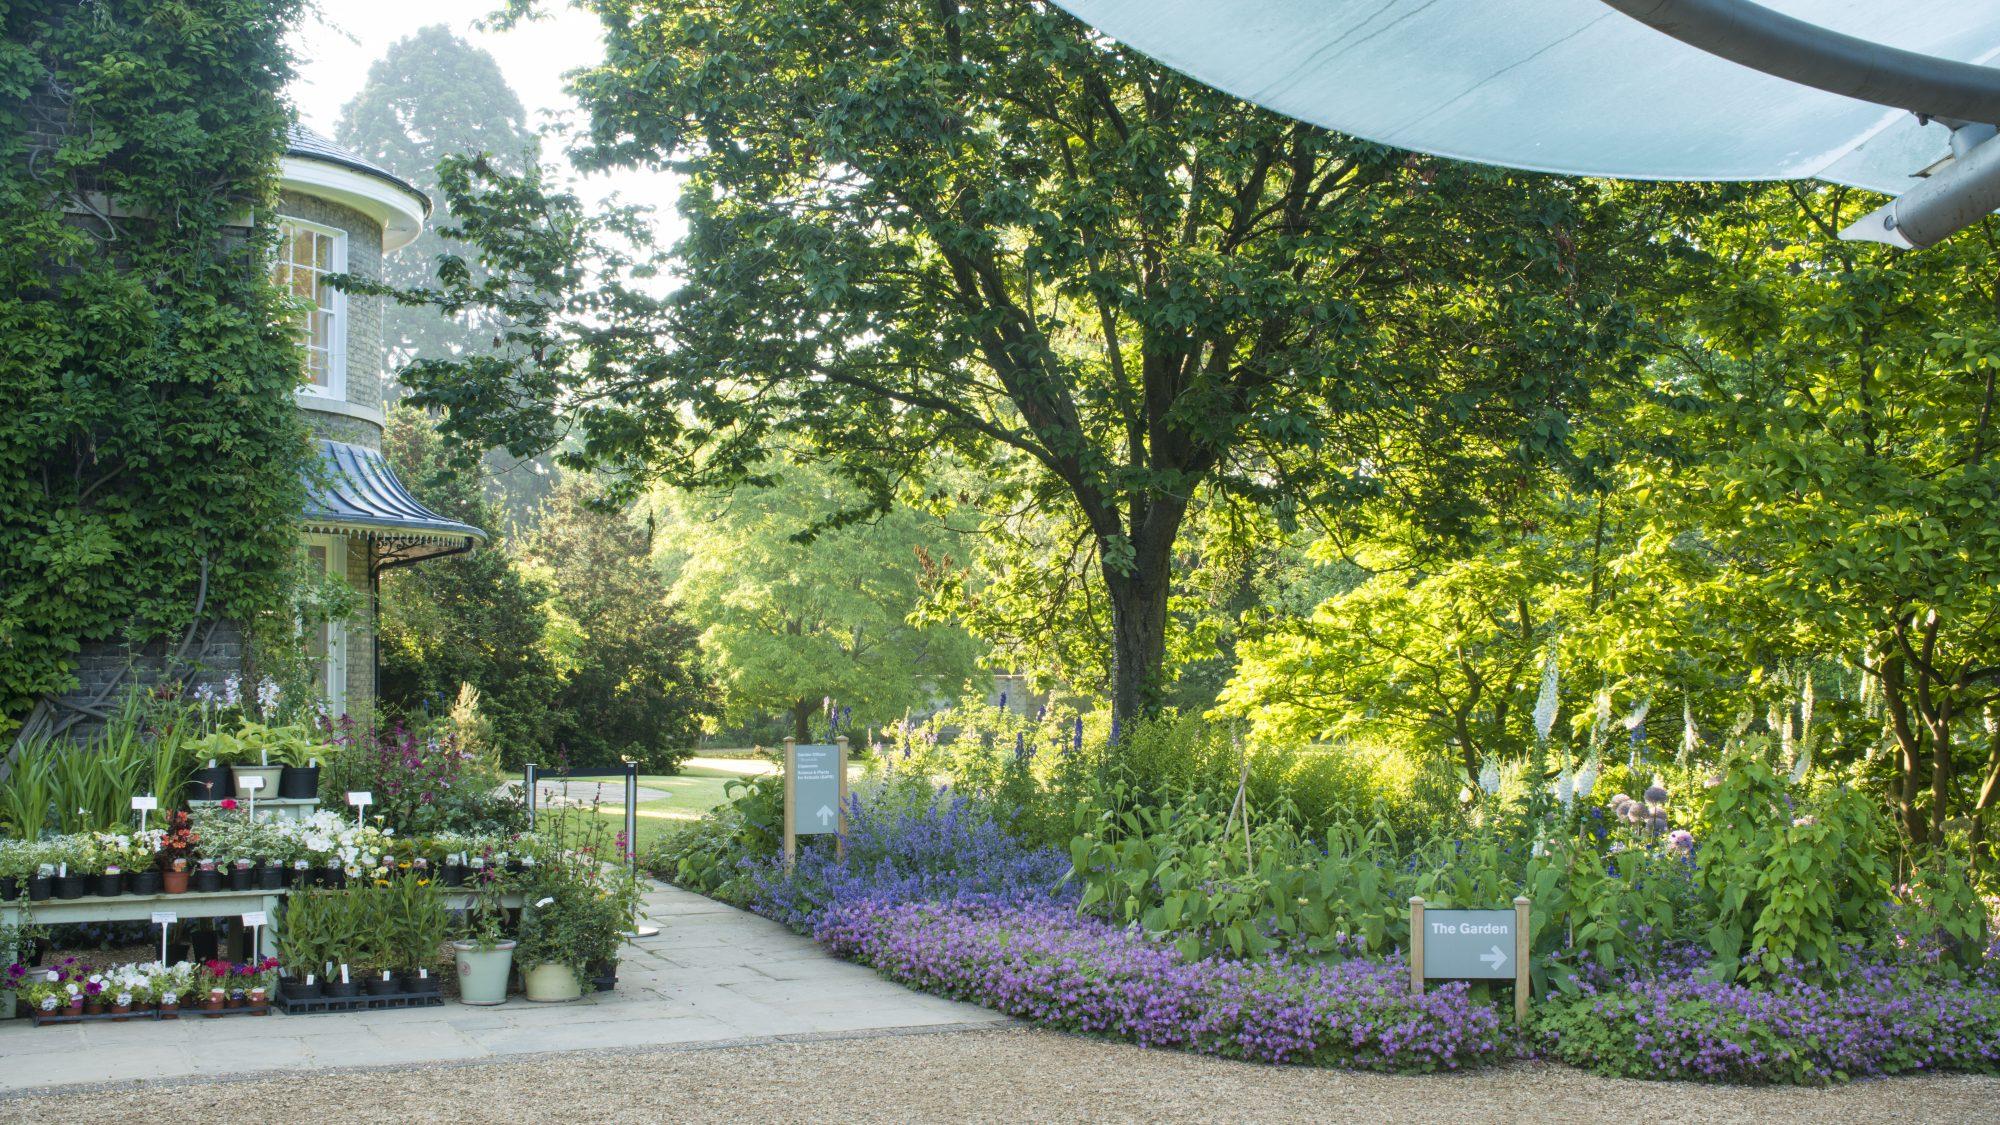 The garden entrance.